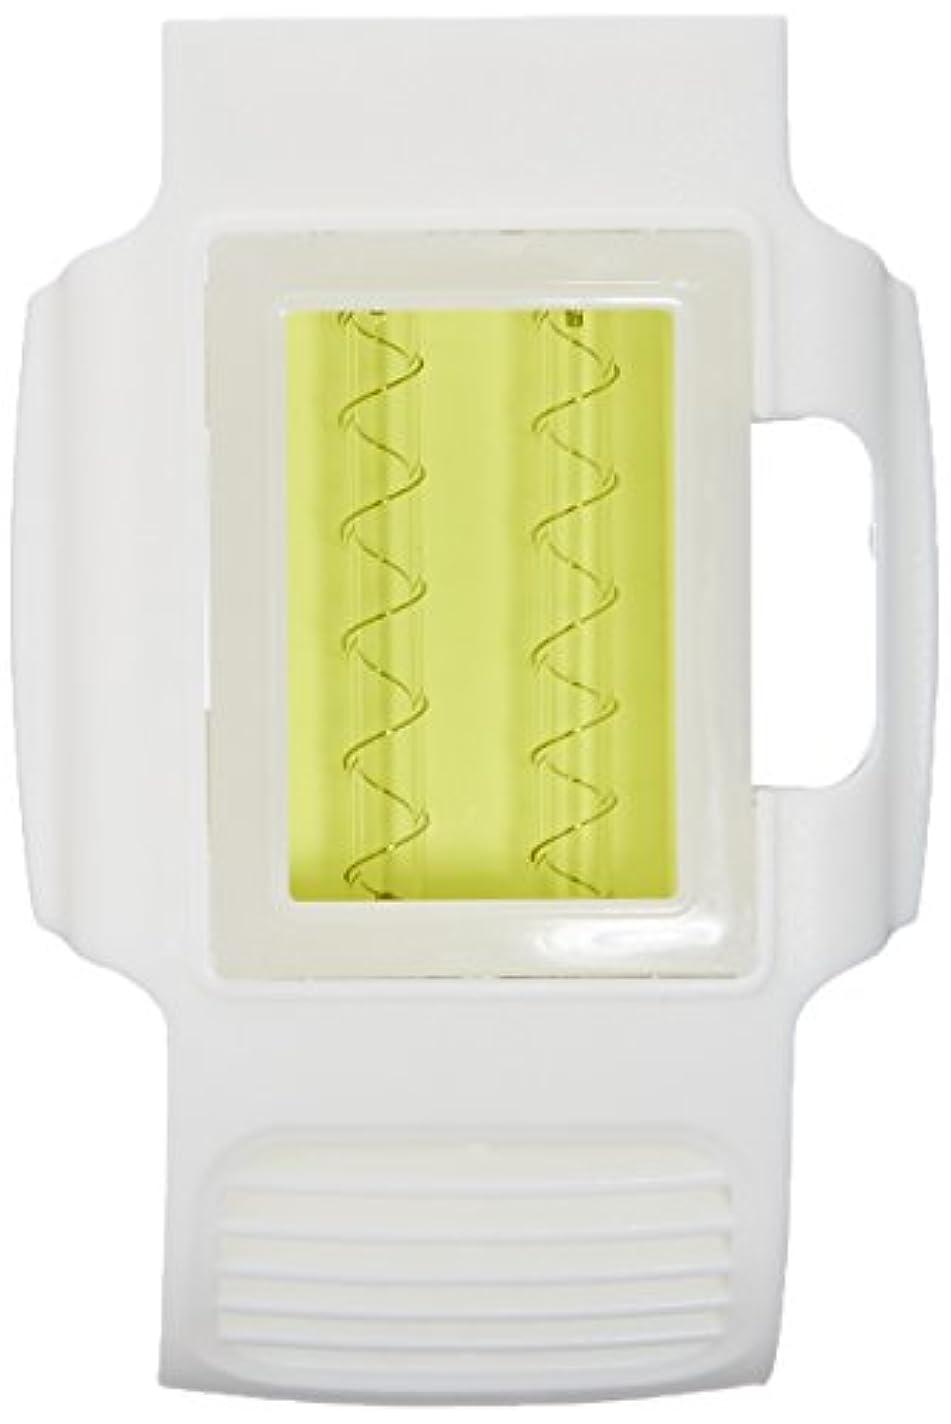 キャプテンブライ説教学期家庭用脱毛器センスエピ(sensepil)専用ランプカートリッジPlus(1,500ショット)